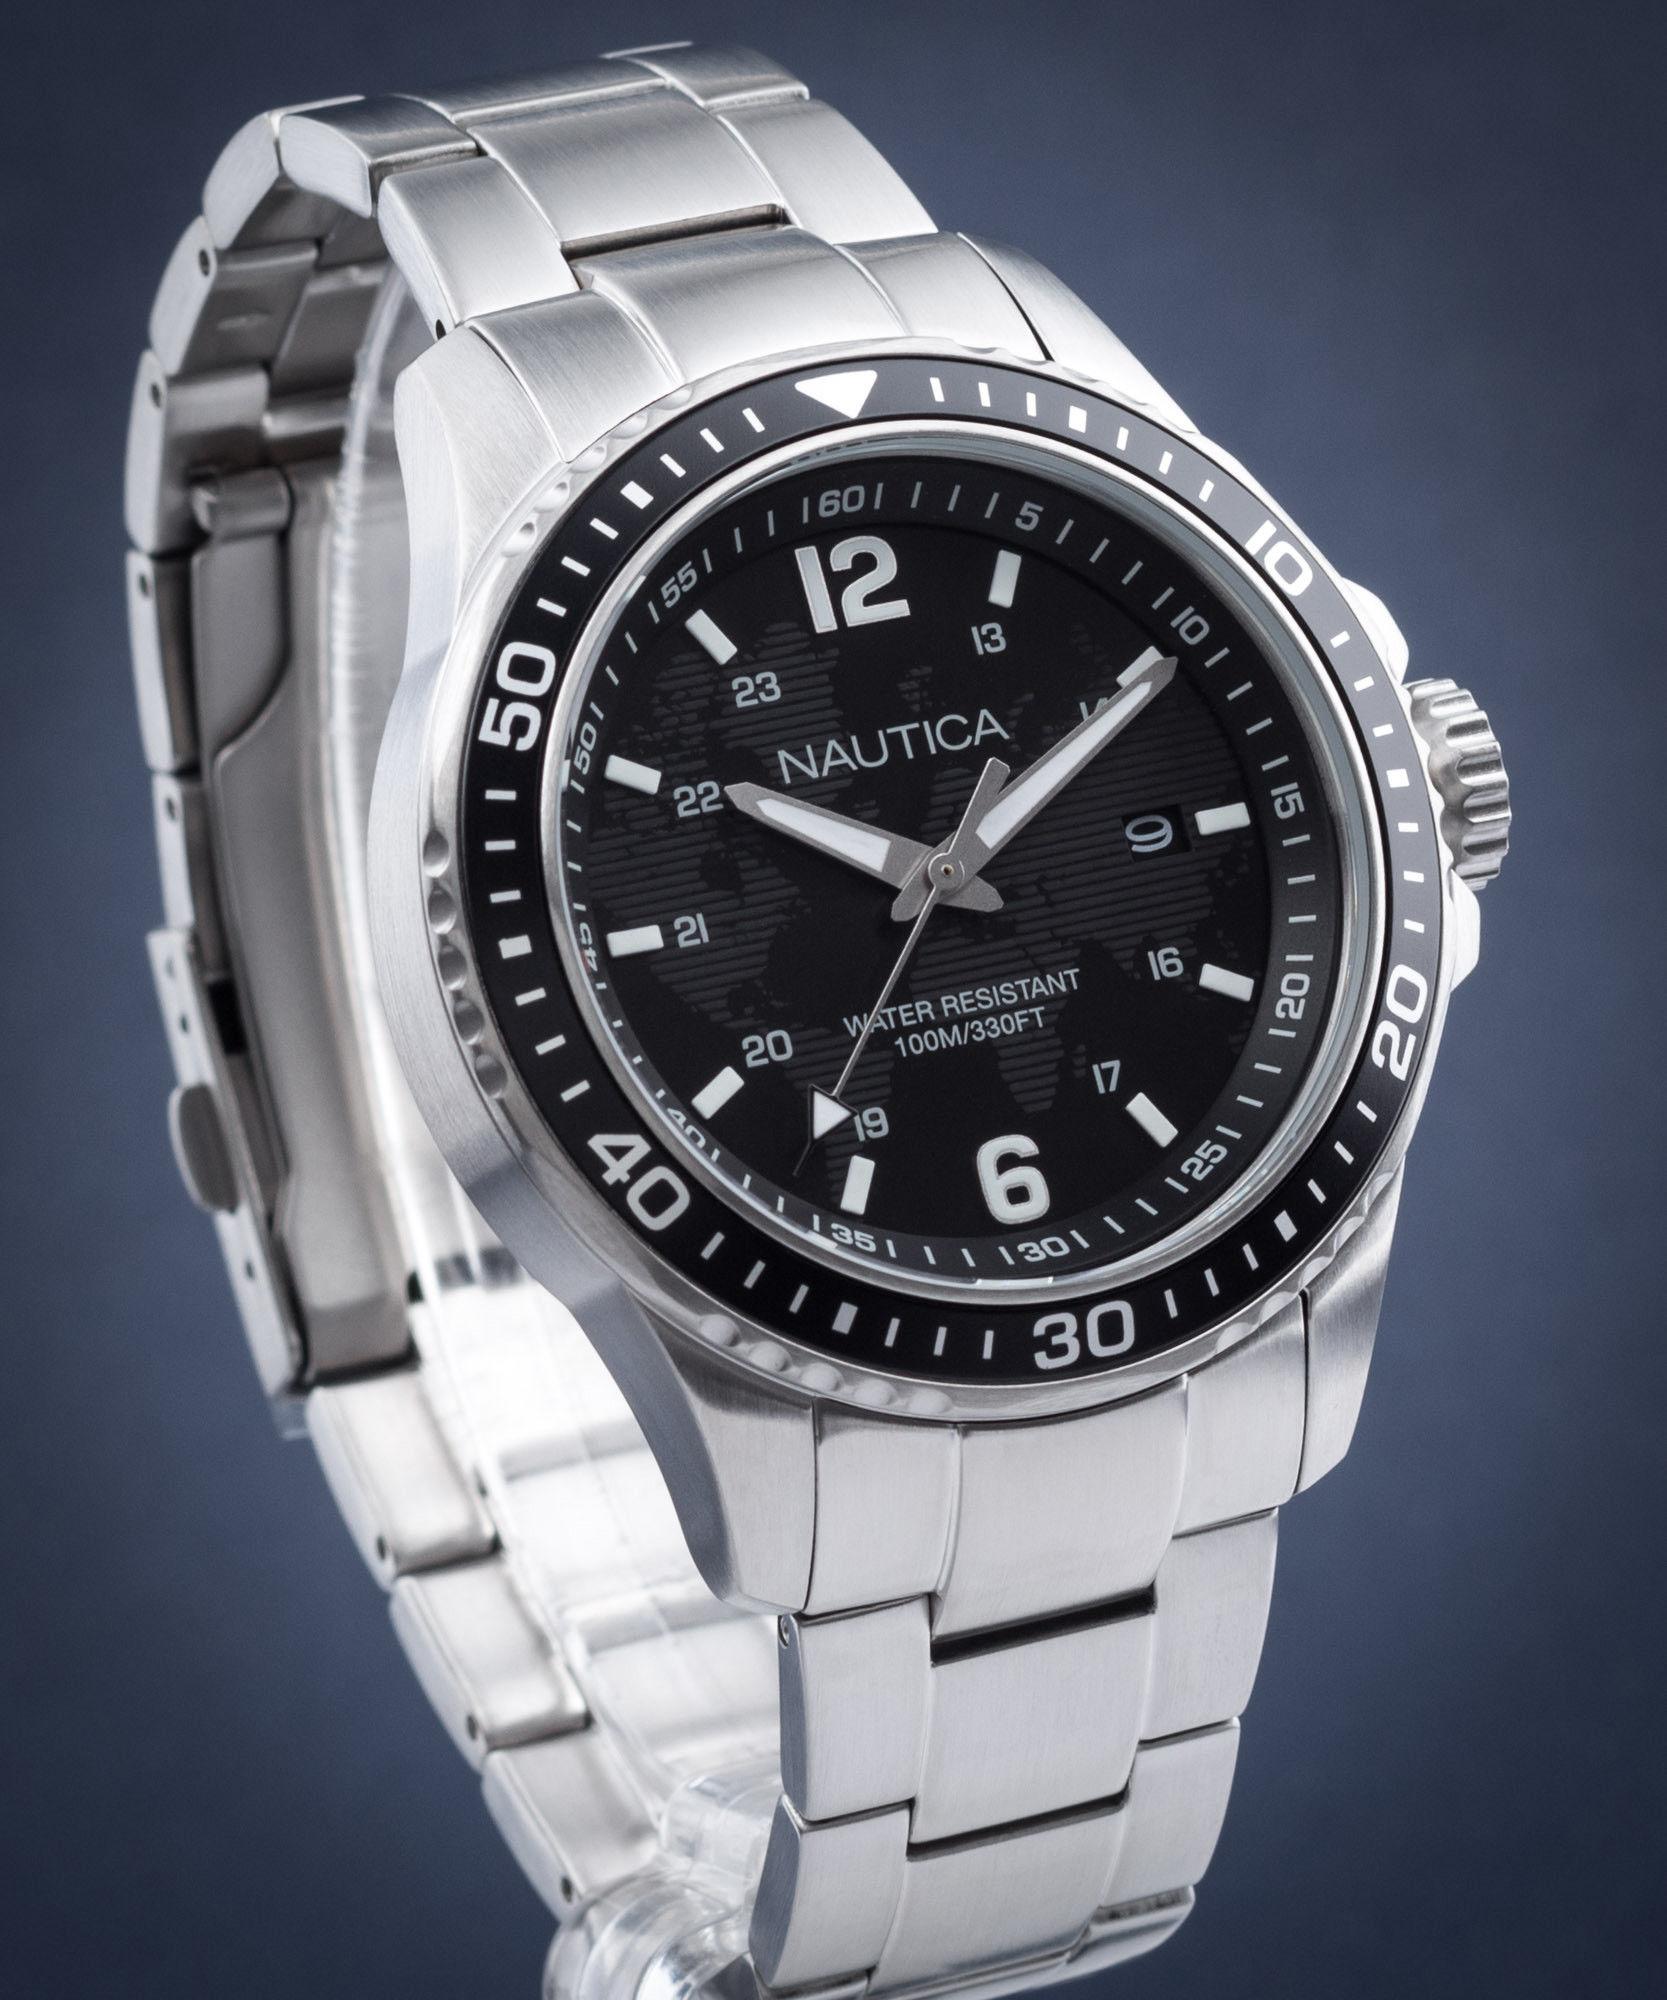 Zegarek Nautica NAPFRB014 - CENA DO NEGOCJACJI - DOSTAWA DHL GRATIS, KUPUJ BEZ RYZYKA - 100 dni na zwrot, możliwość wygrawerowania dowolnego tekstu.